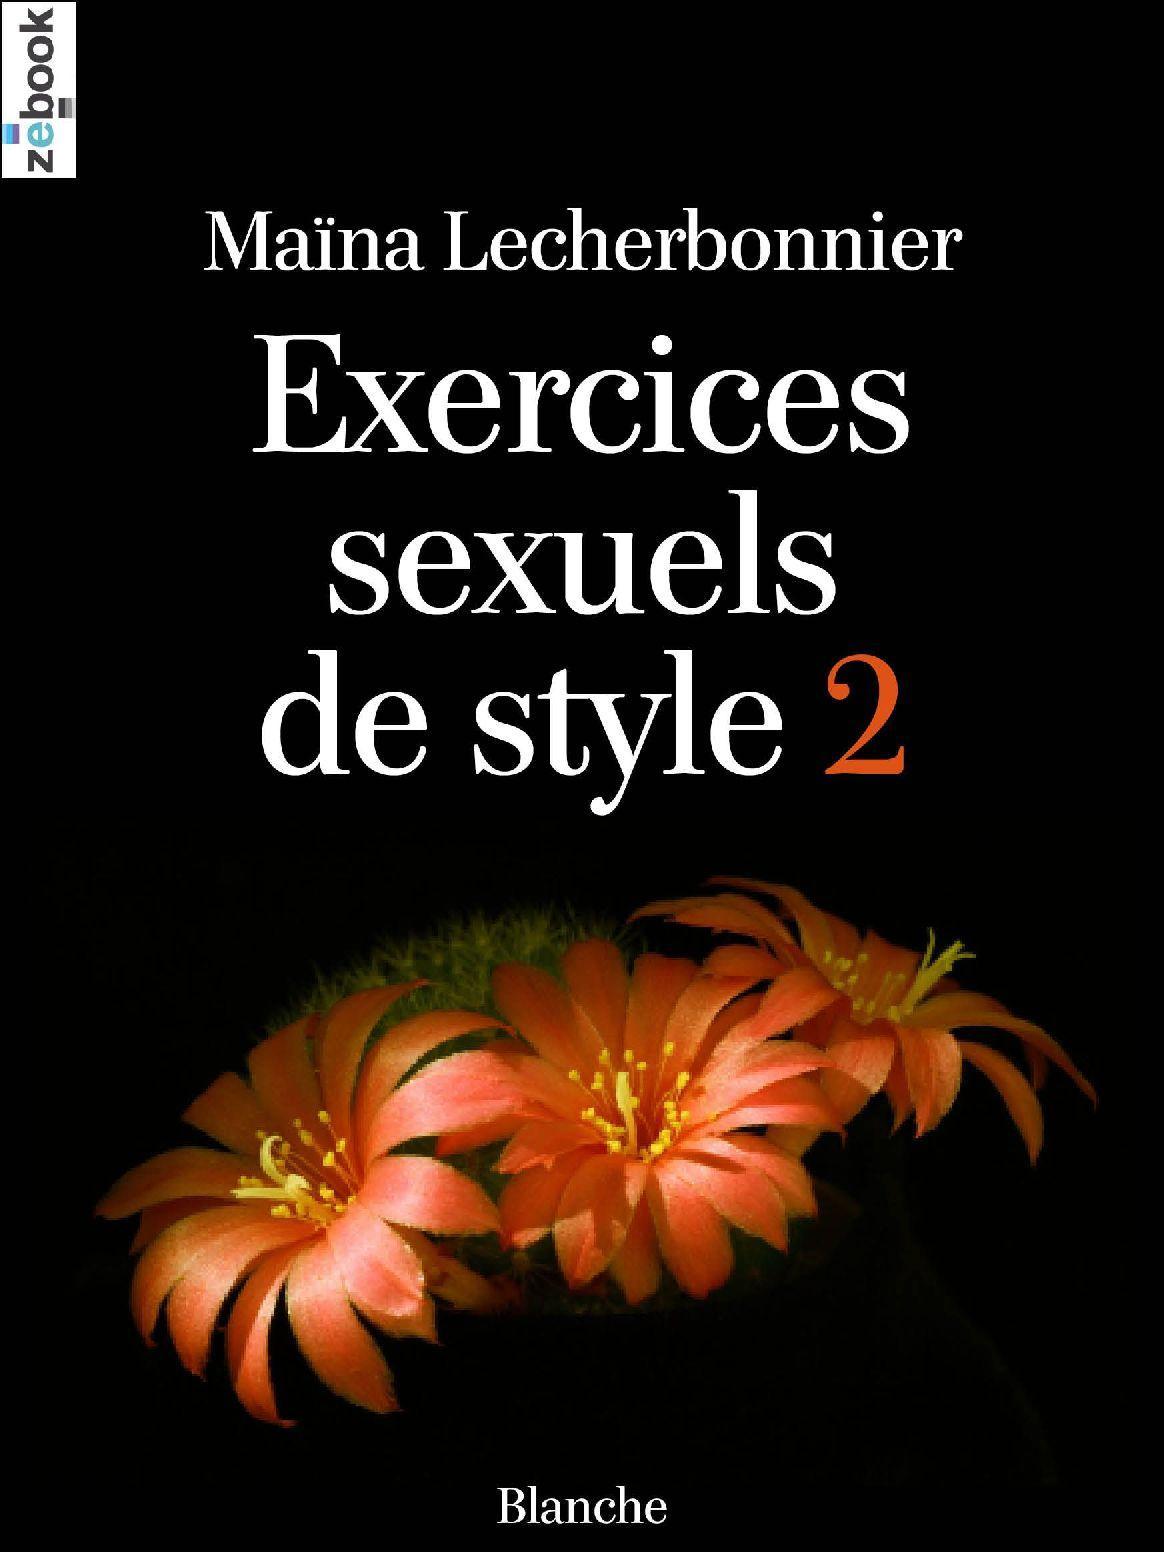 Exercices sexuels de style 2